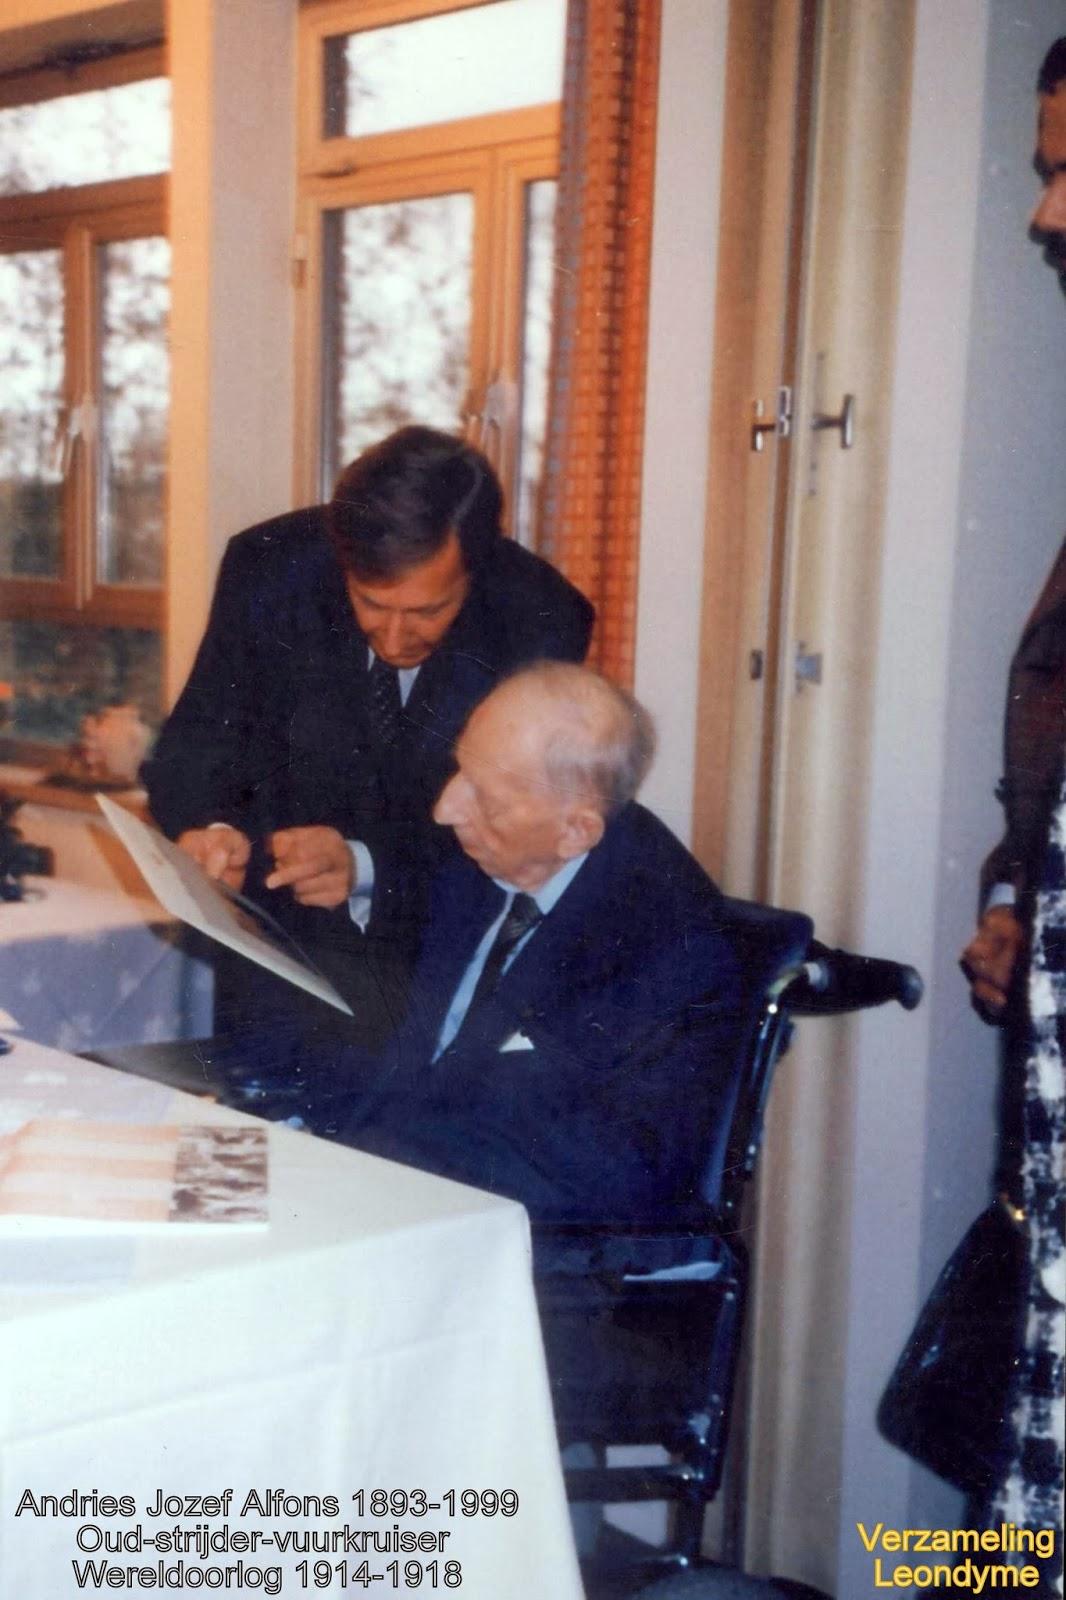 Joseph Alfons Andries 1893-1999, krijgt het bezoek van de Antwerpse gouverneur Camille Paulus